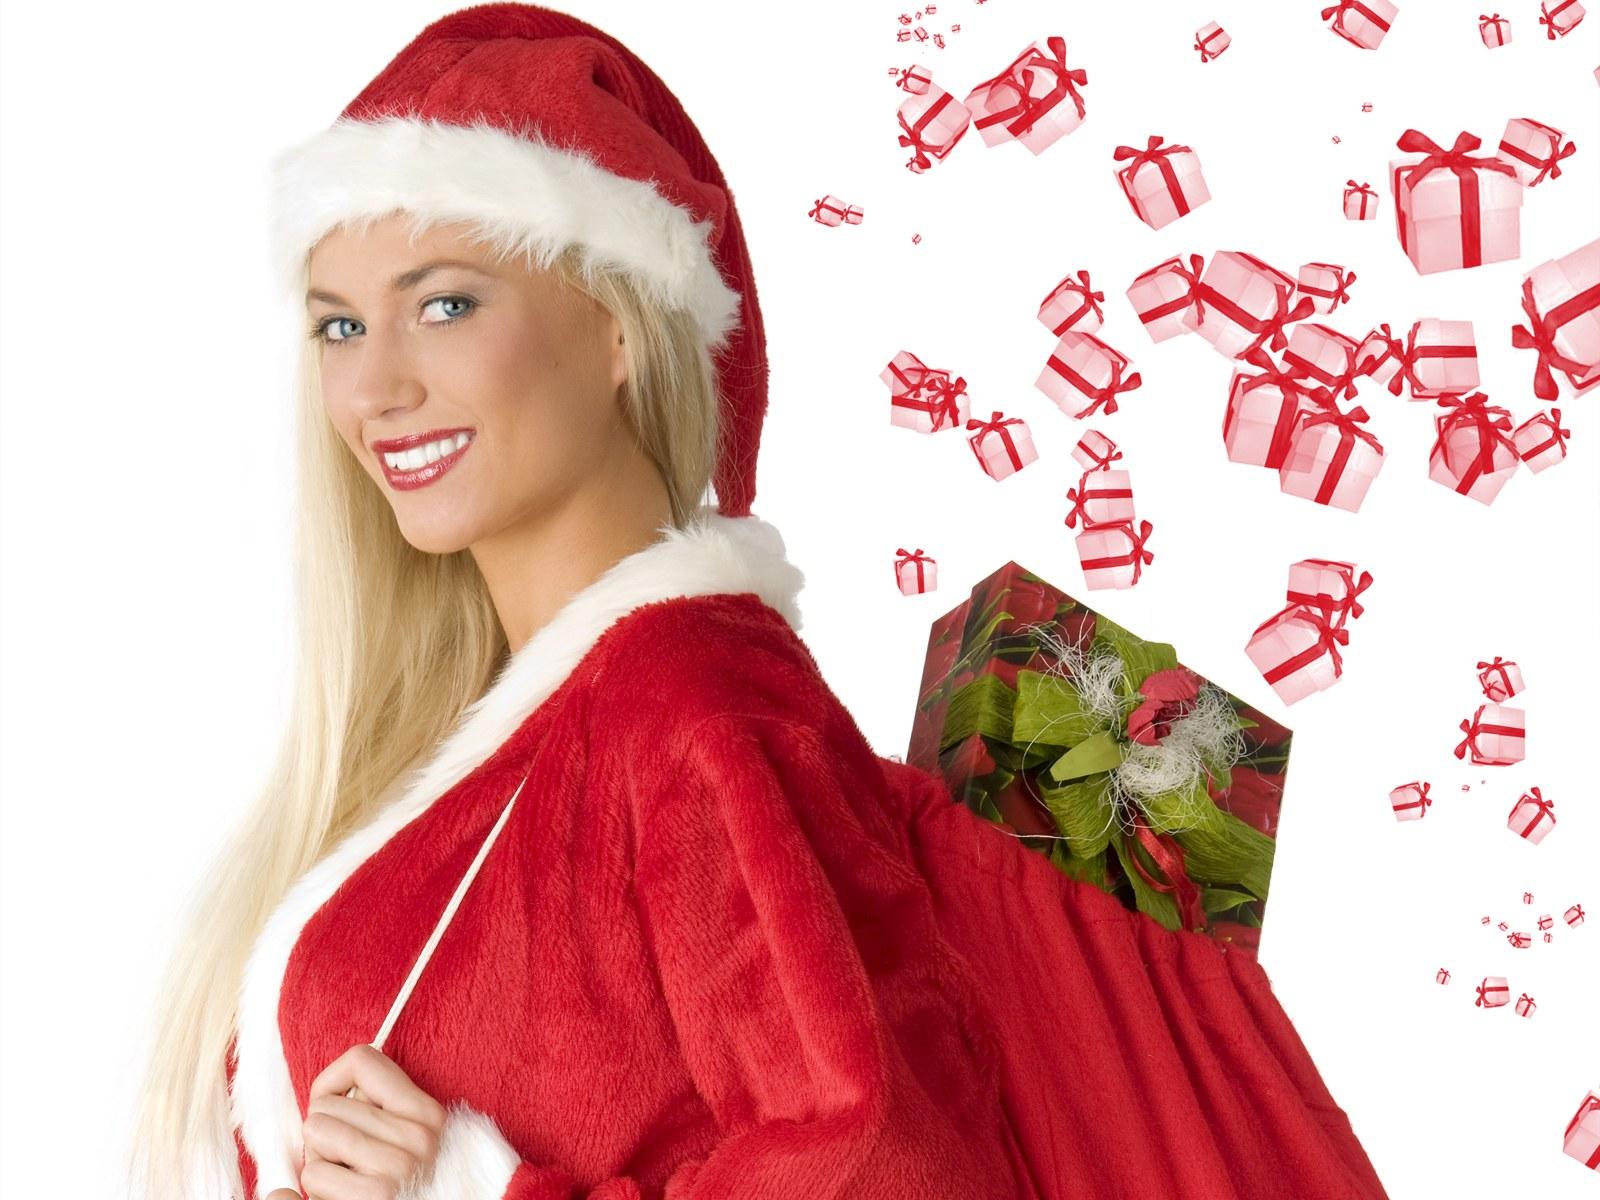 活泼可爱的圣诞广告美女模特图片素材(28p)[中国资源